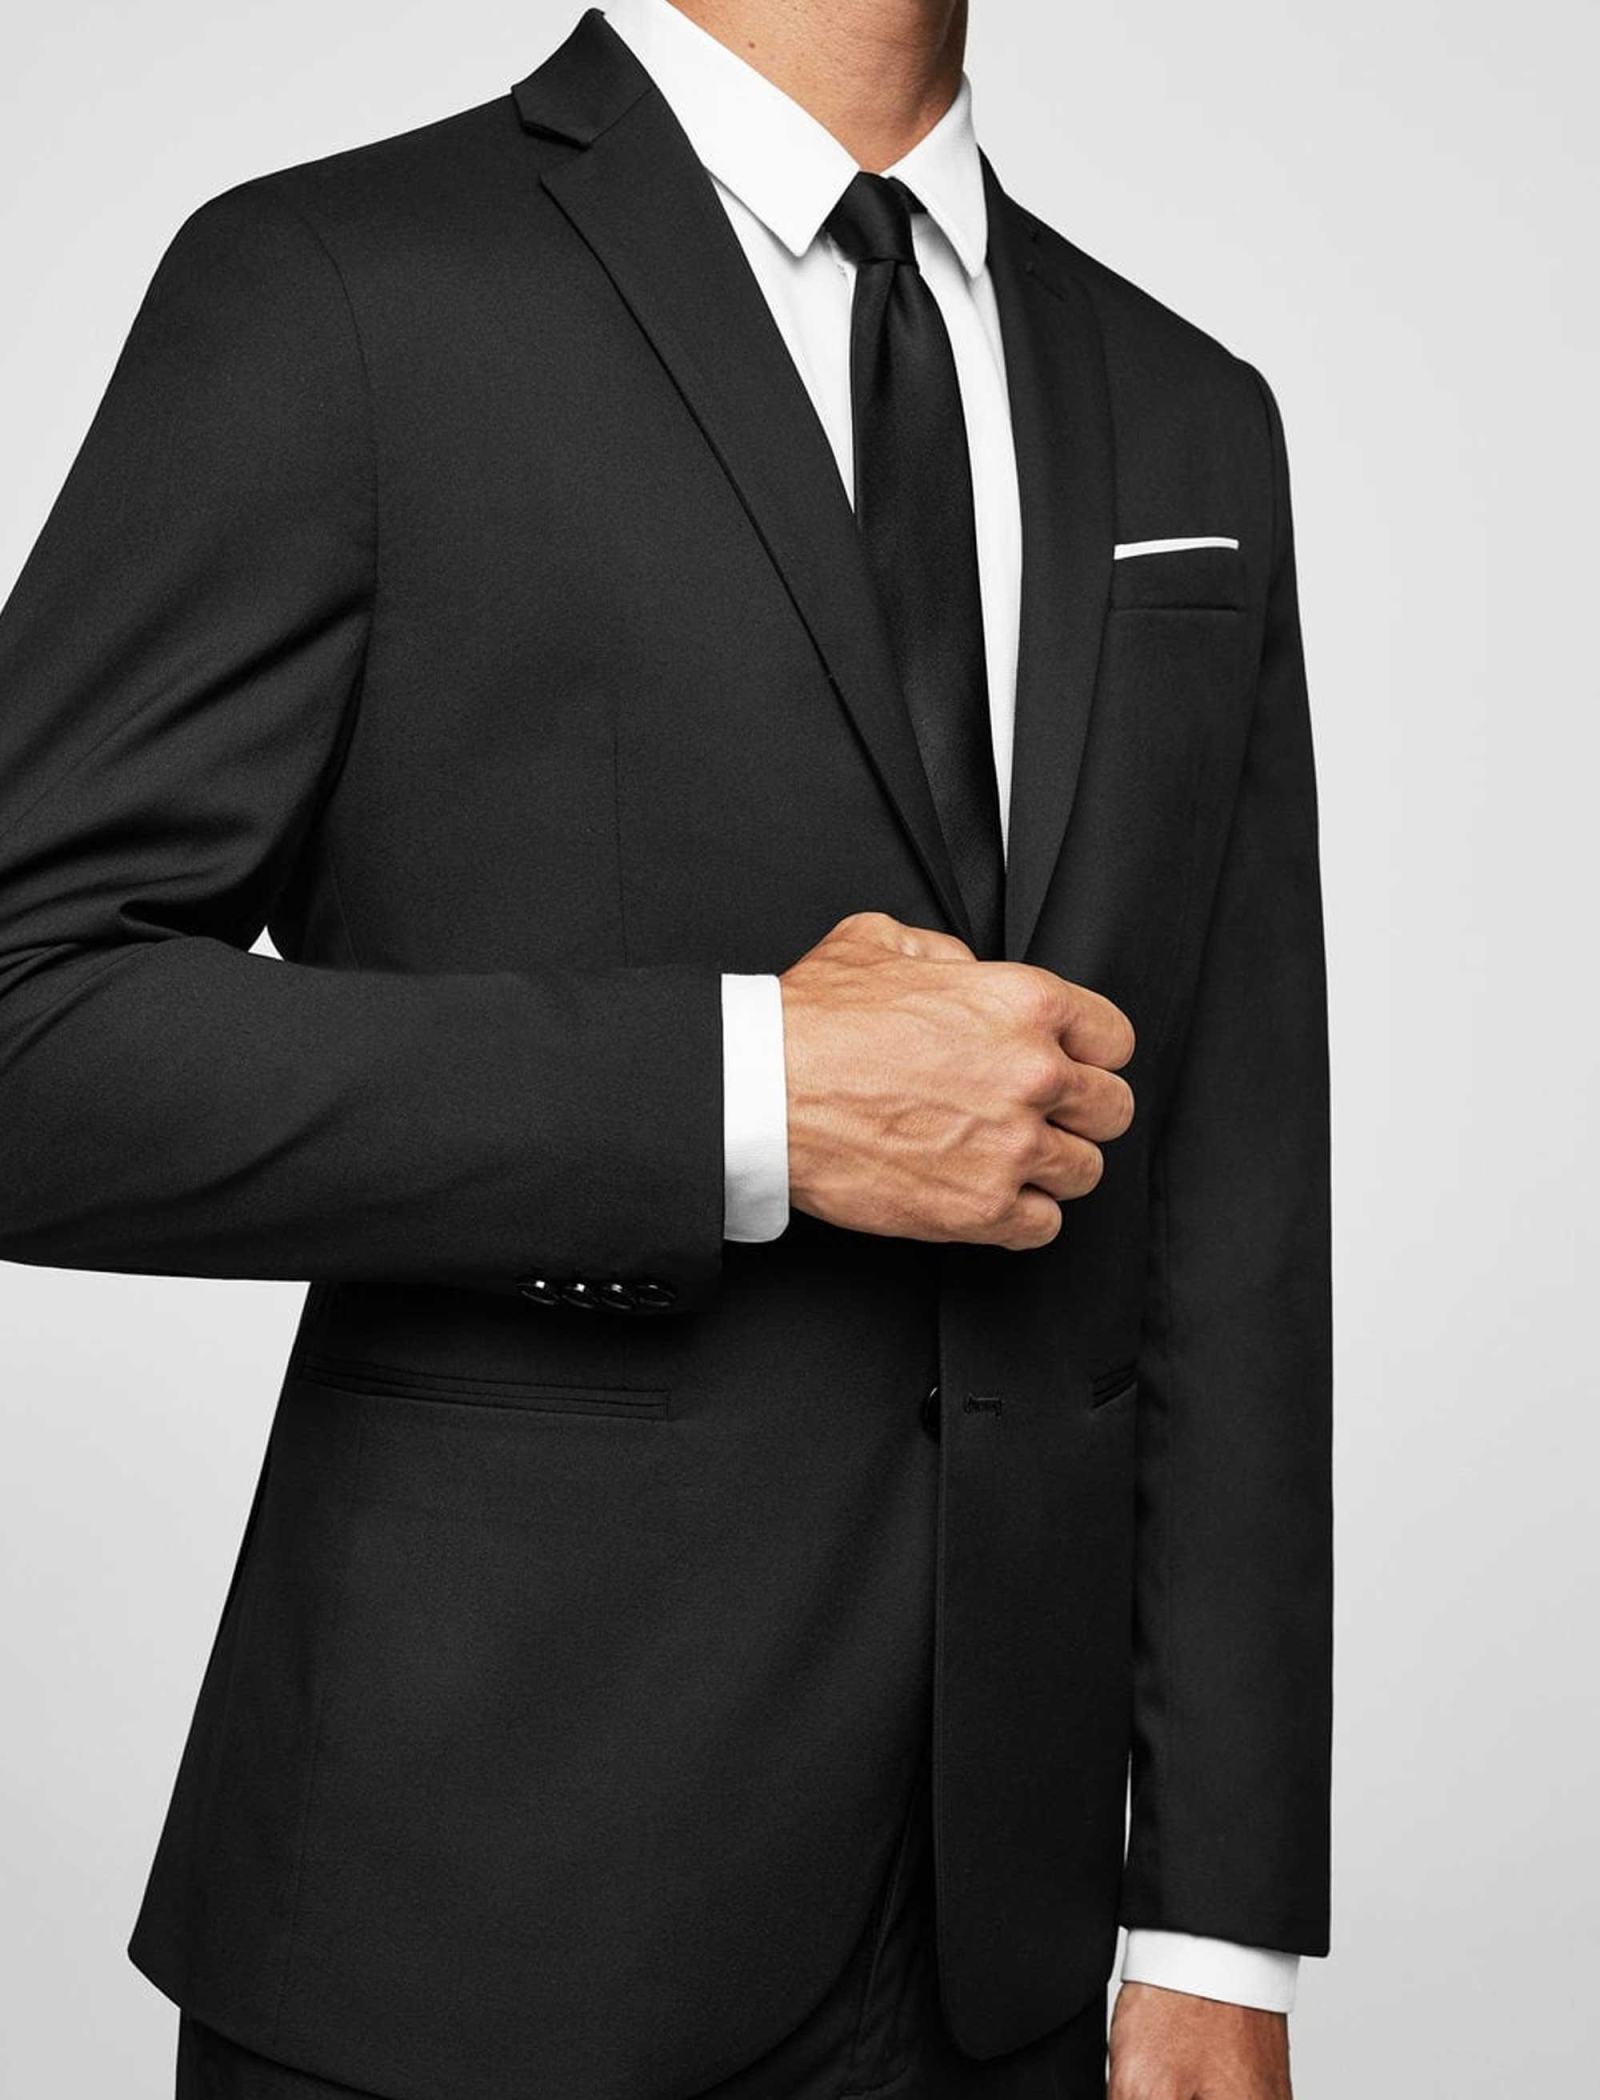 کت تک رسمی مردانه - مانگو - مشکي - 7